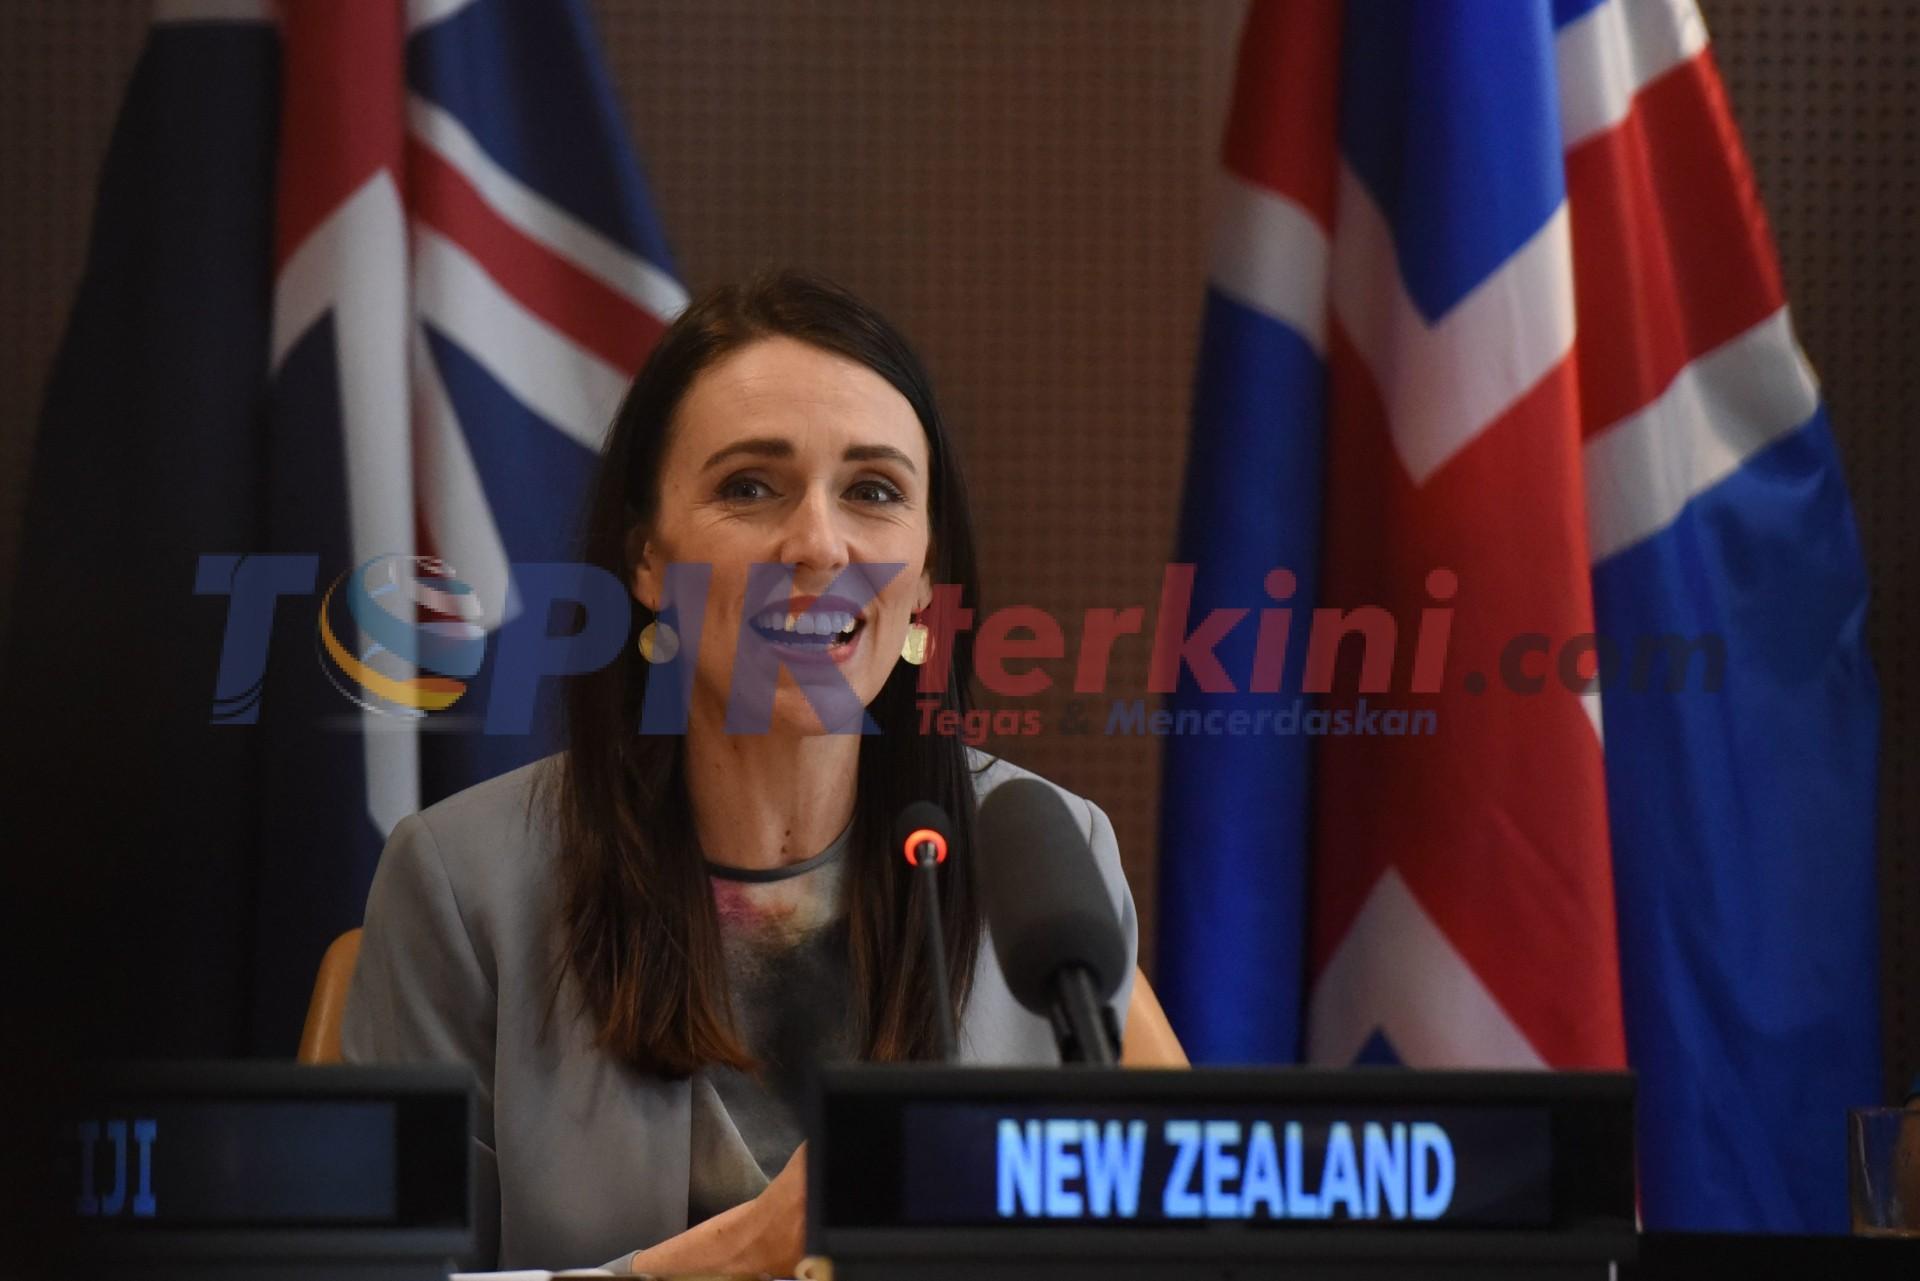 Selandia Baru akan bentuk tim untuk mengatasi konten kekerasan dan ekstremisme online